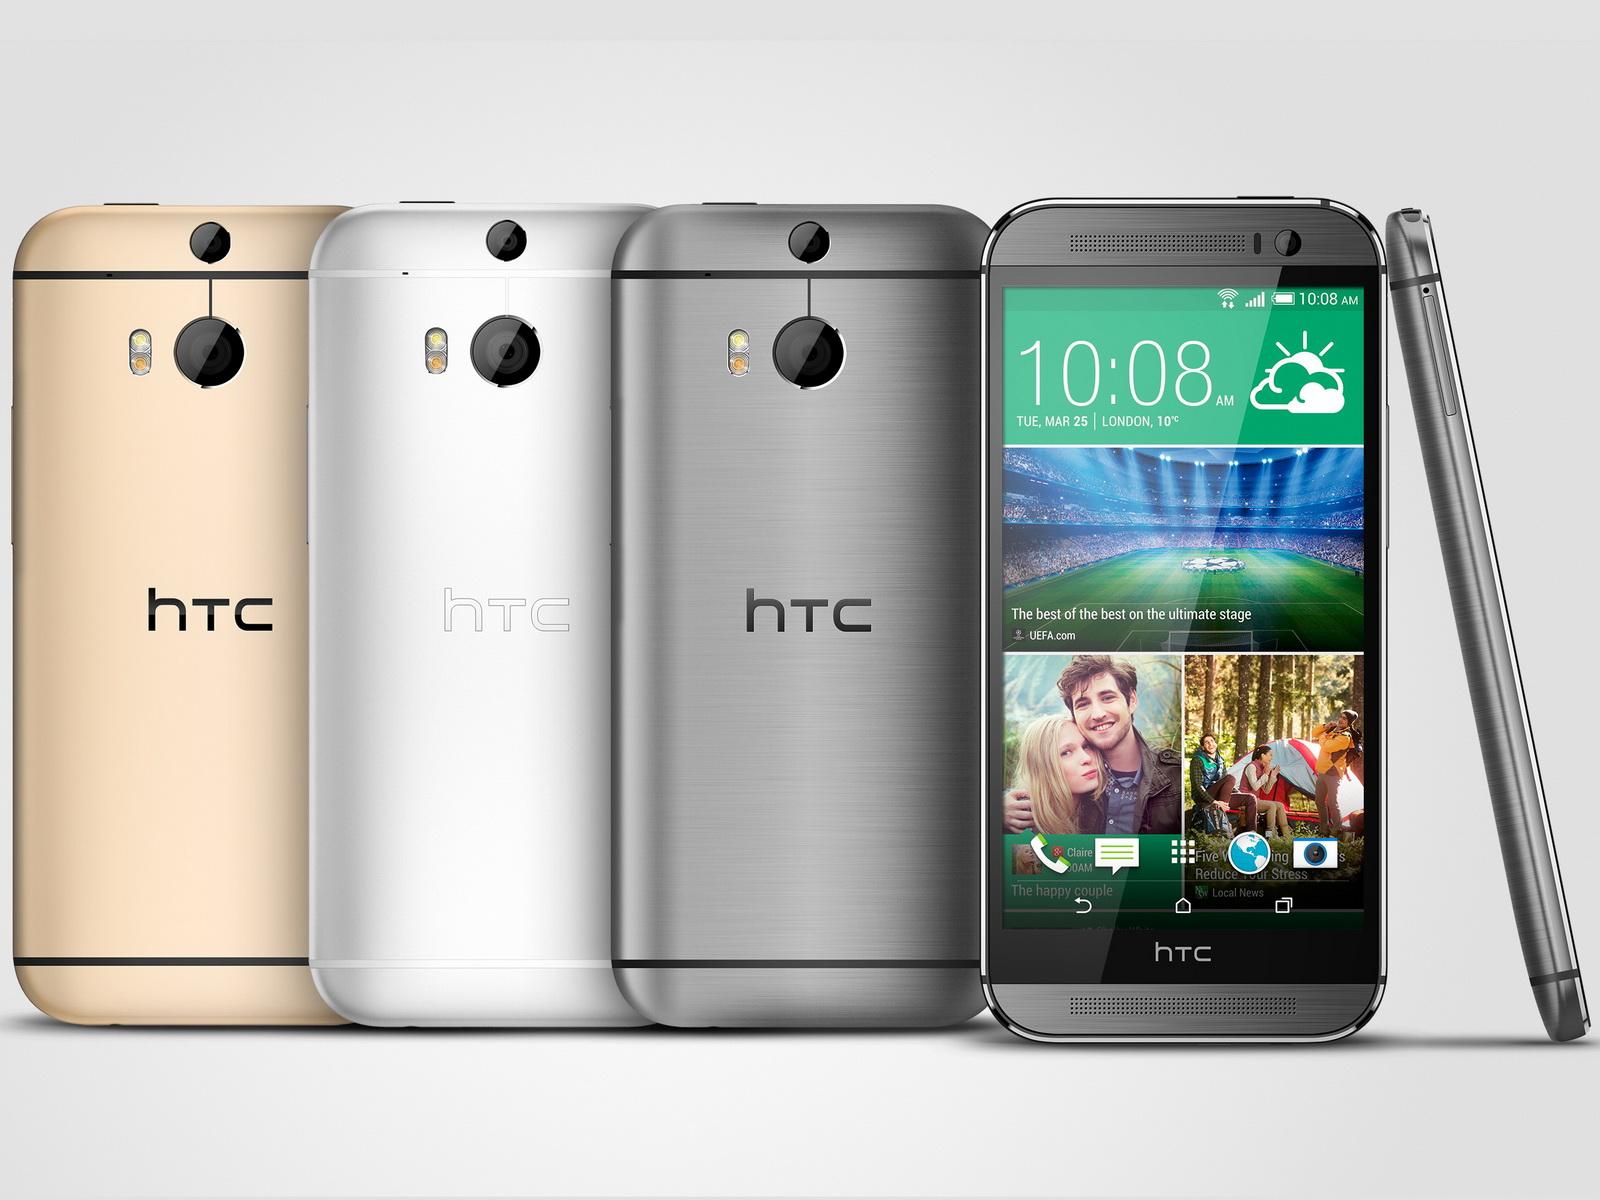 htc das neue smartphone flaggschiff htc one m8 ist da